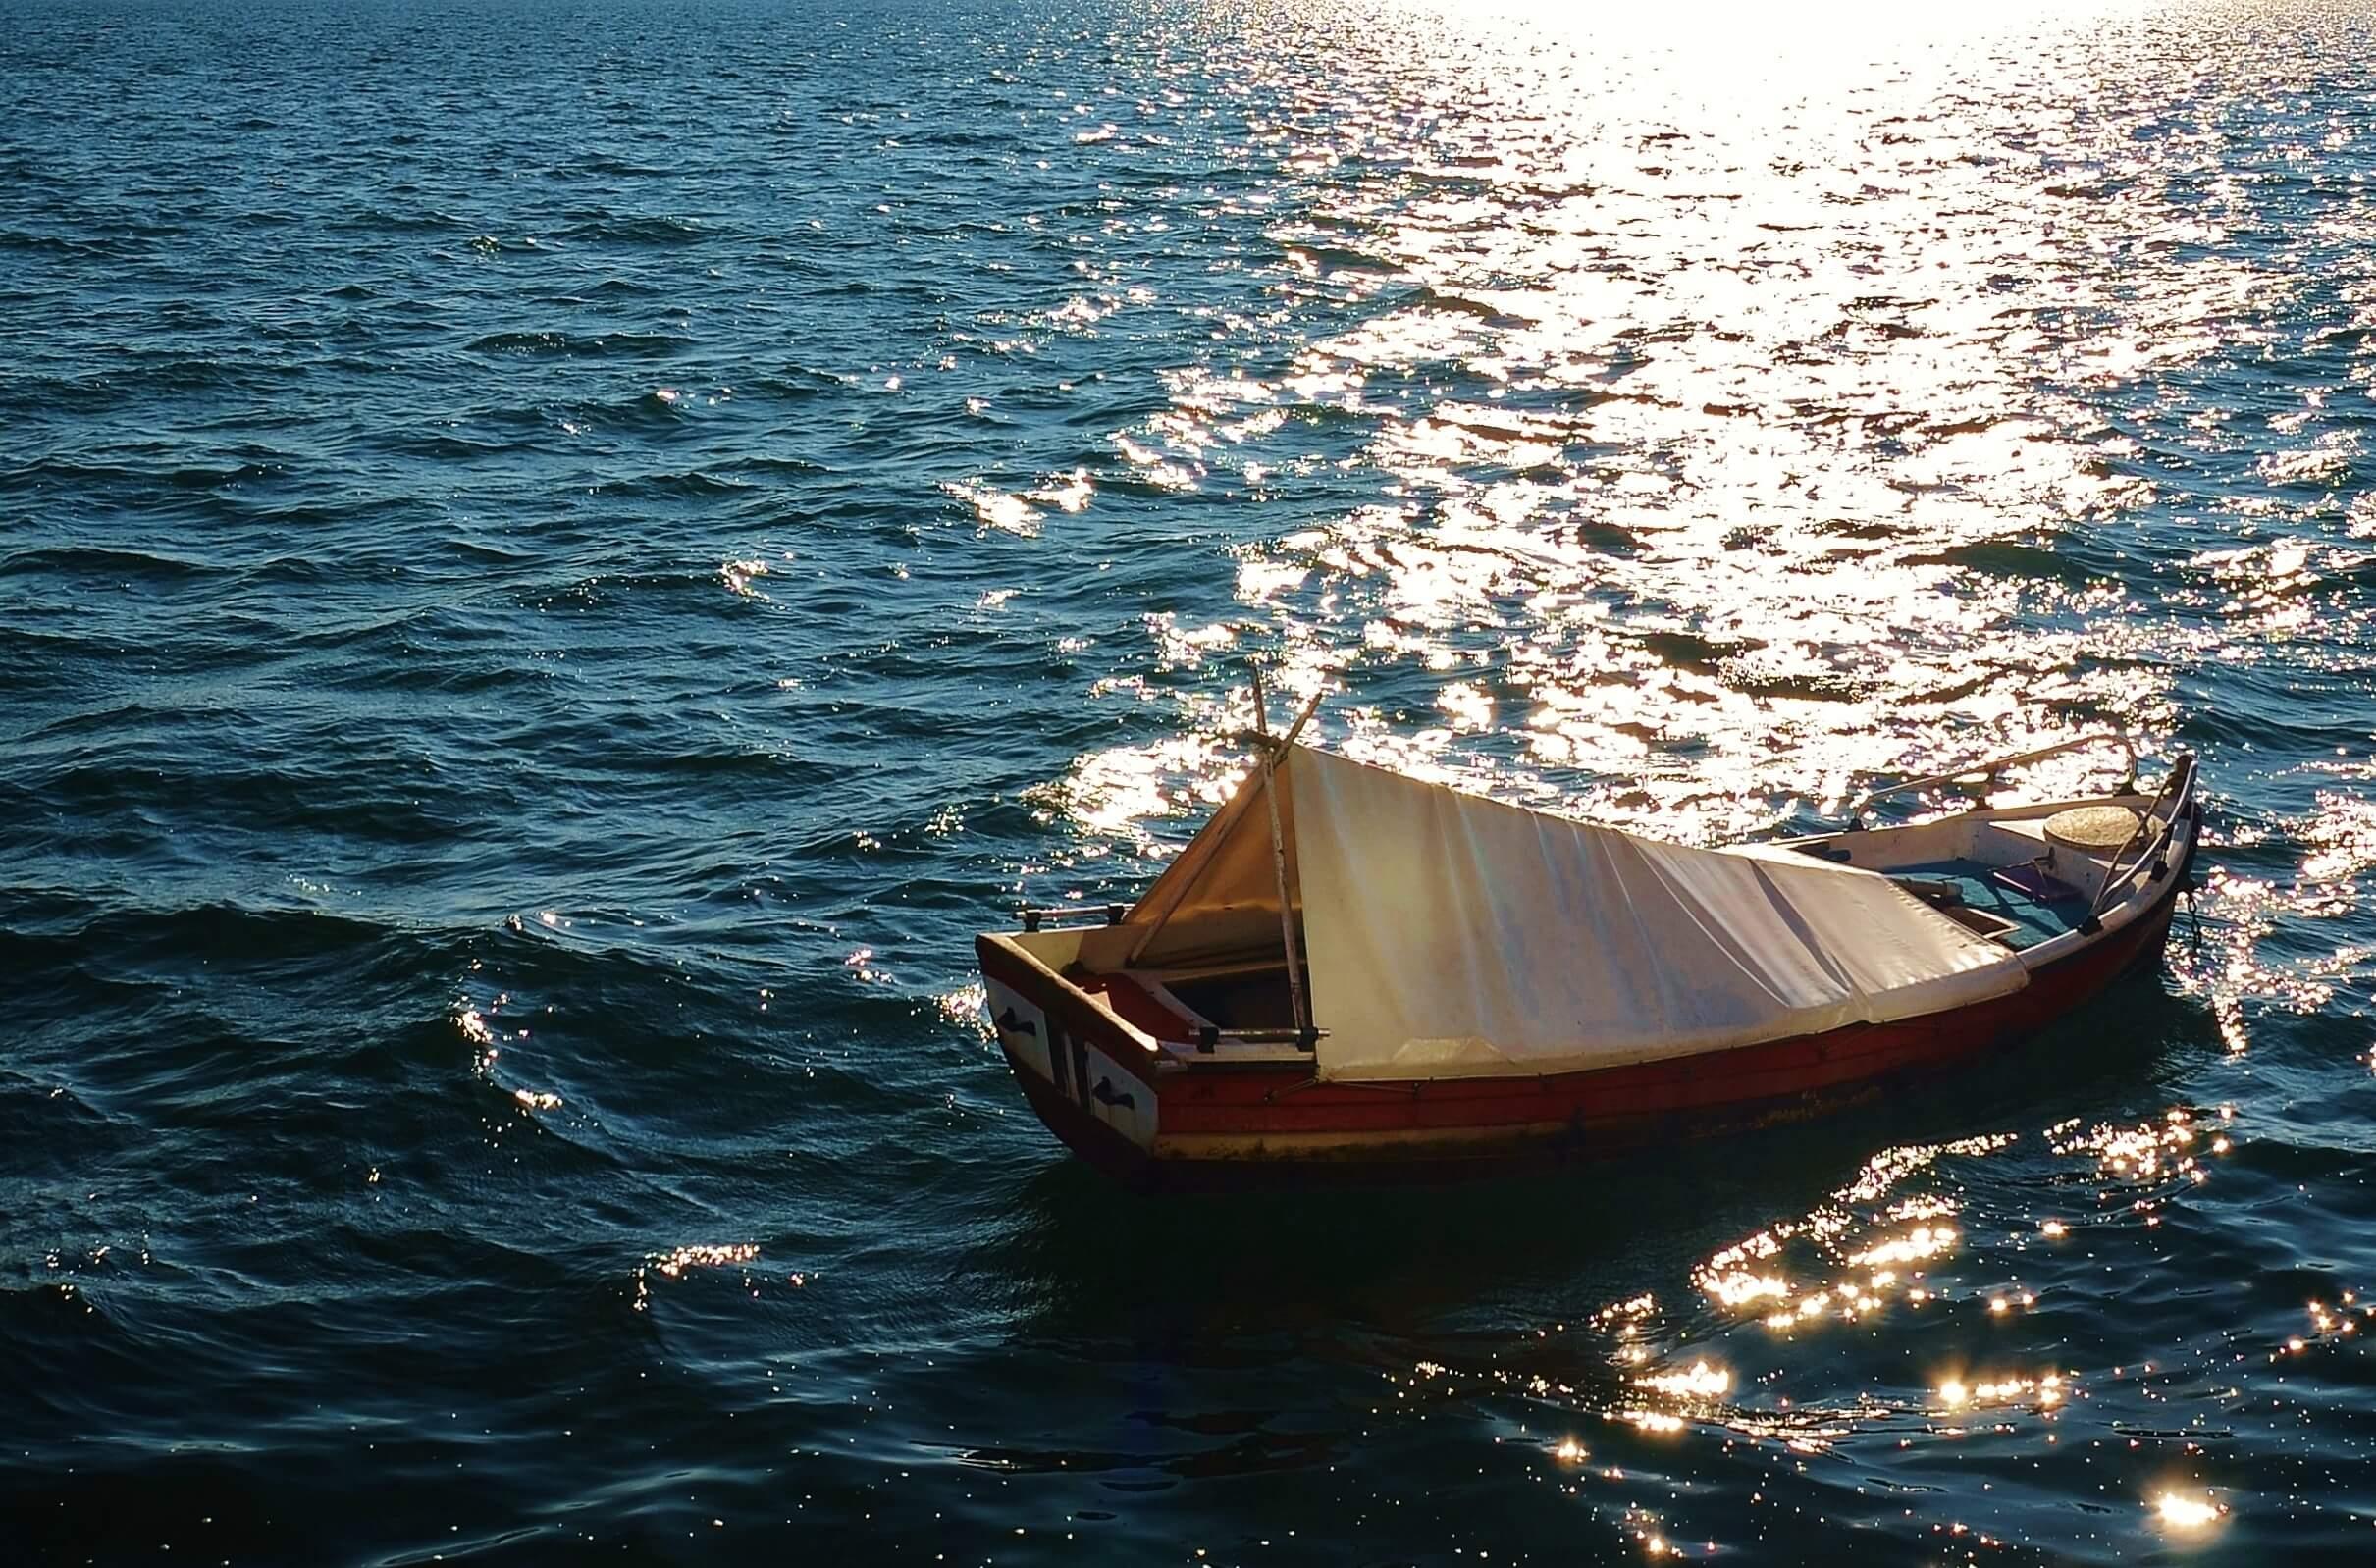 海に浮かぶ小舟